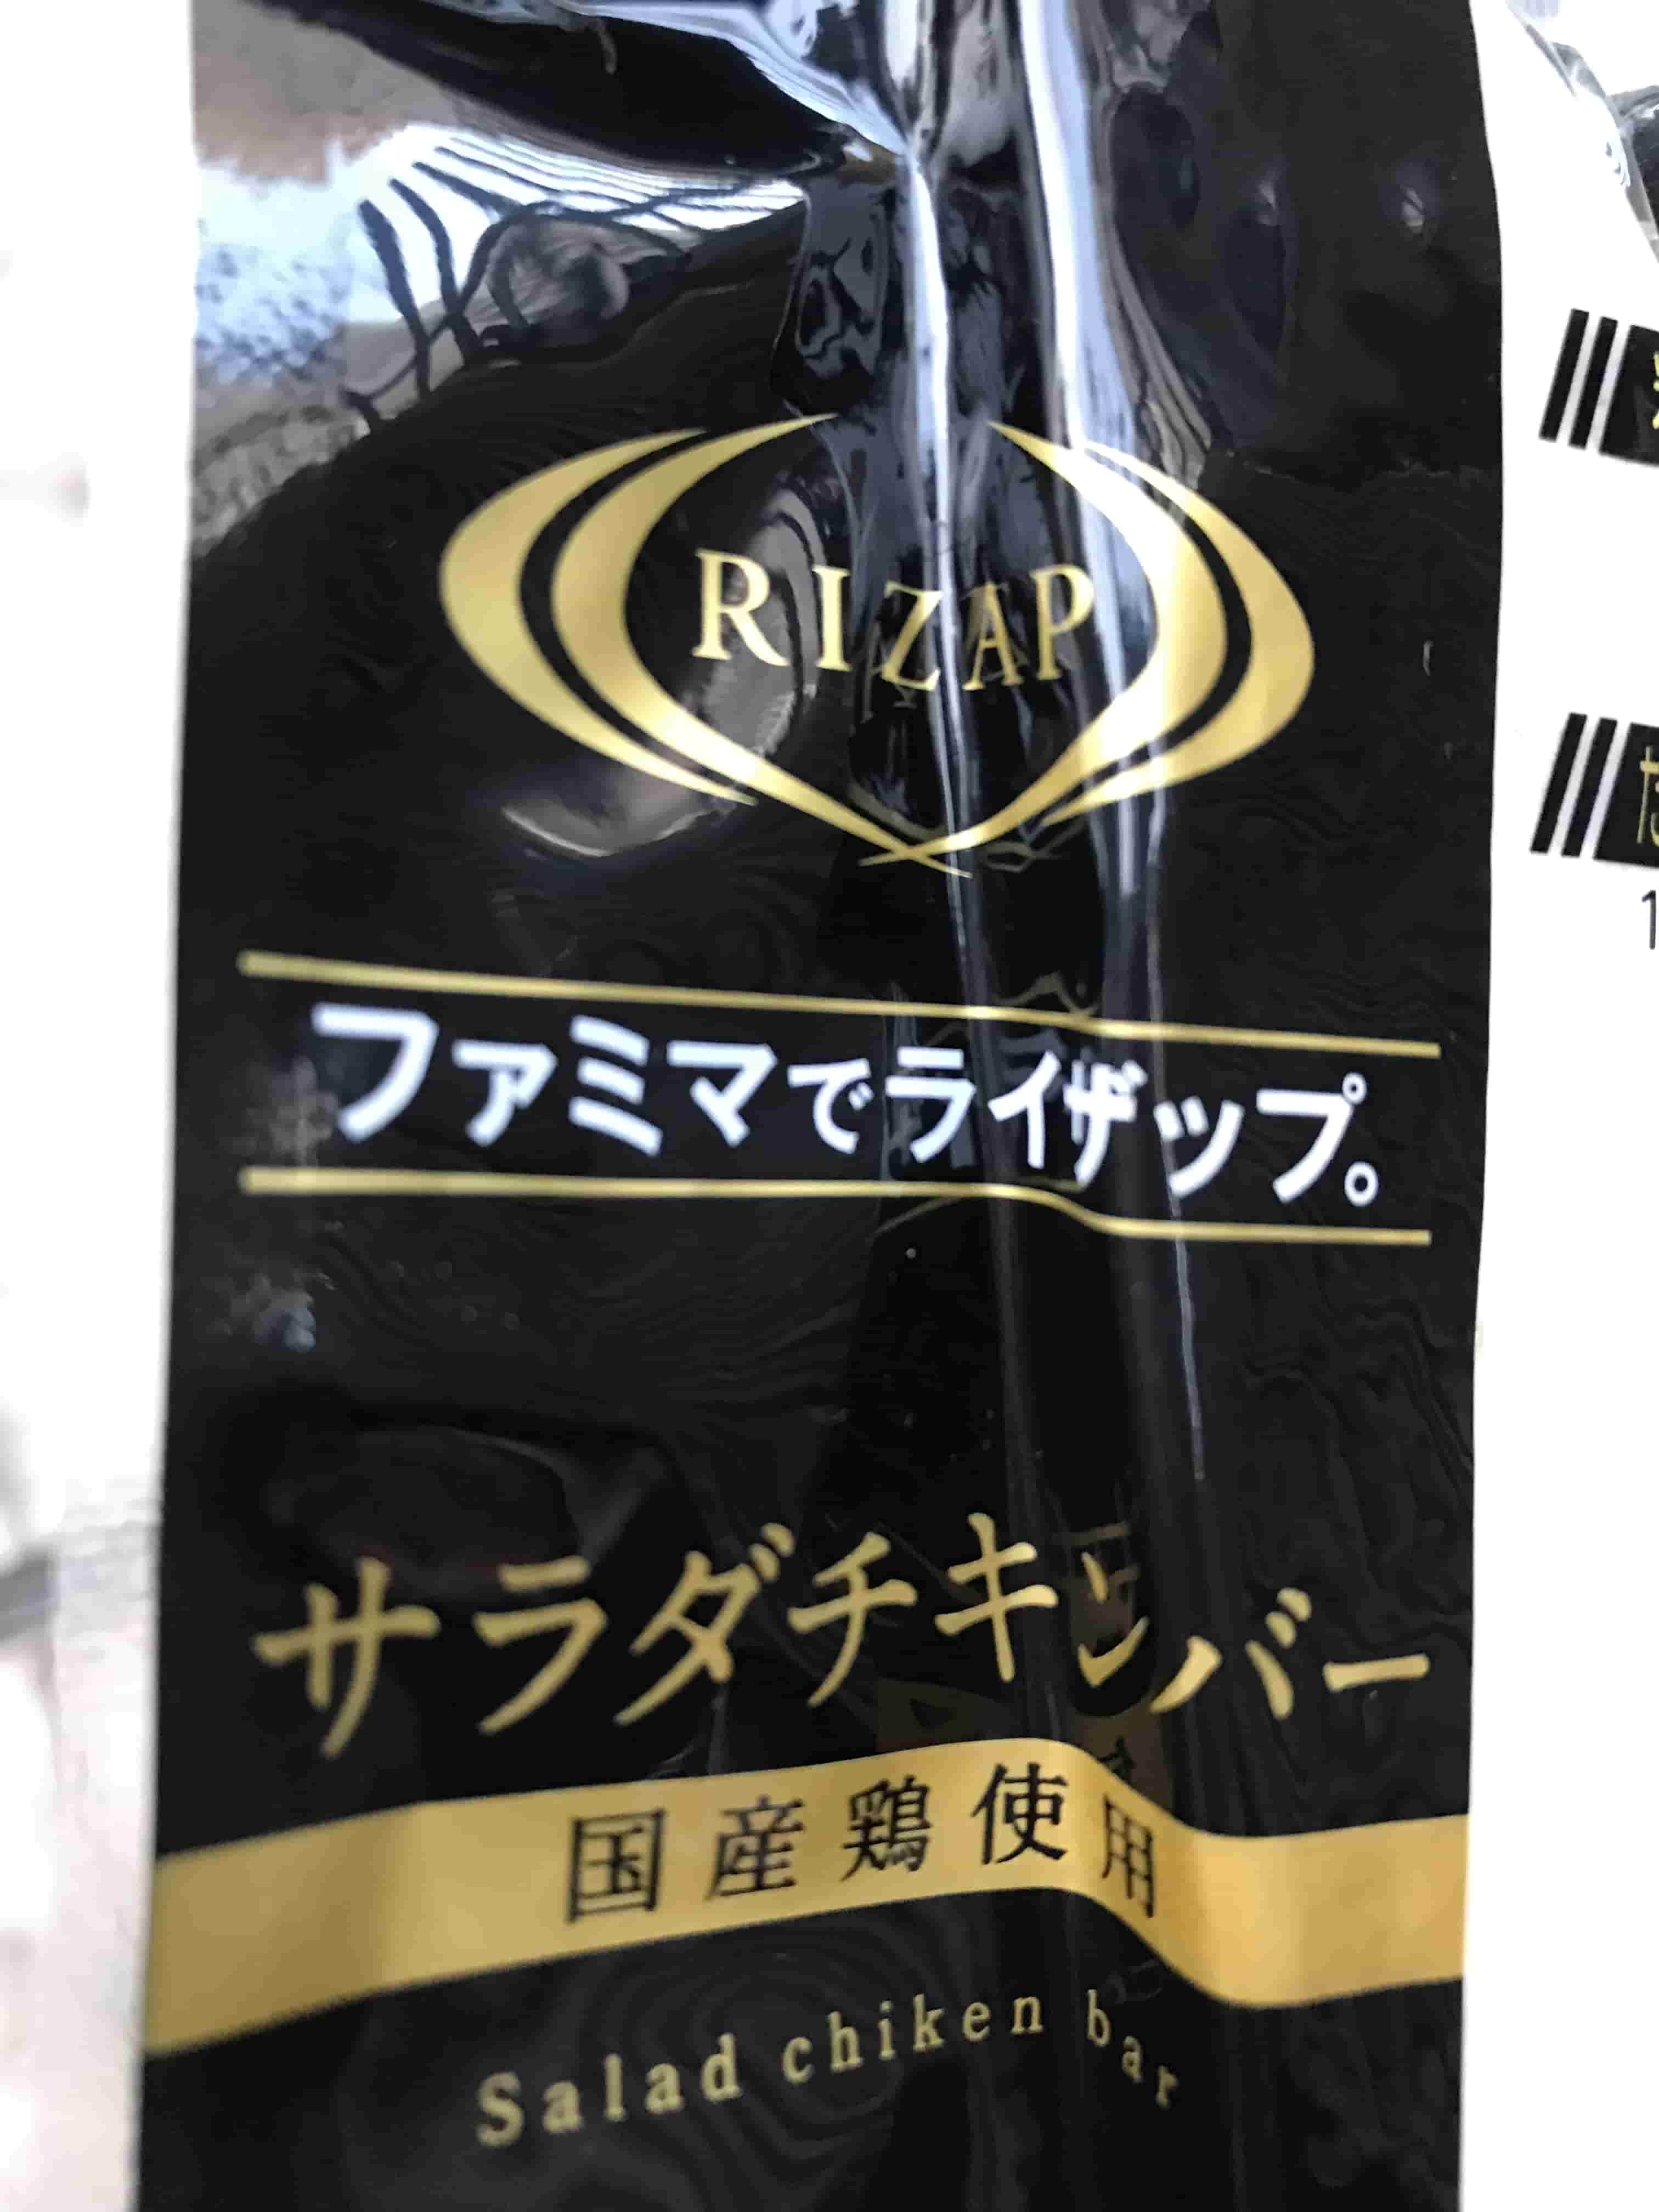 RIZAP(ライザップ)サラダチキンバーのここが好き!!